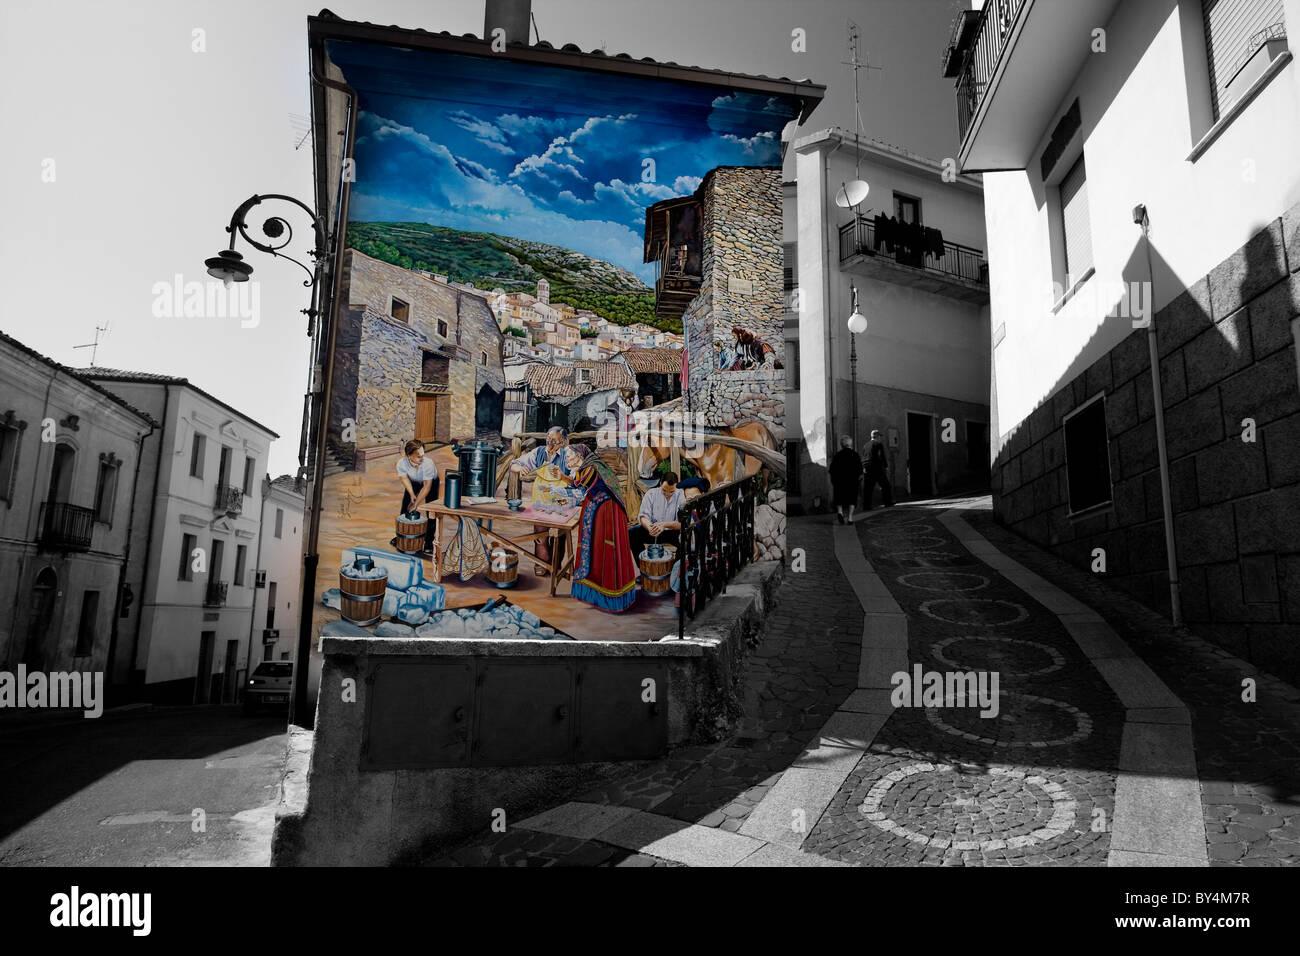 Gemalte Wandbild an der Seite eines Gebäudes, Aritzo, Sardinien, Italien Stockbild